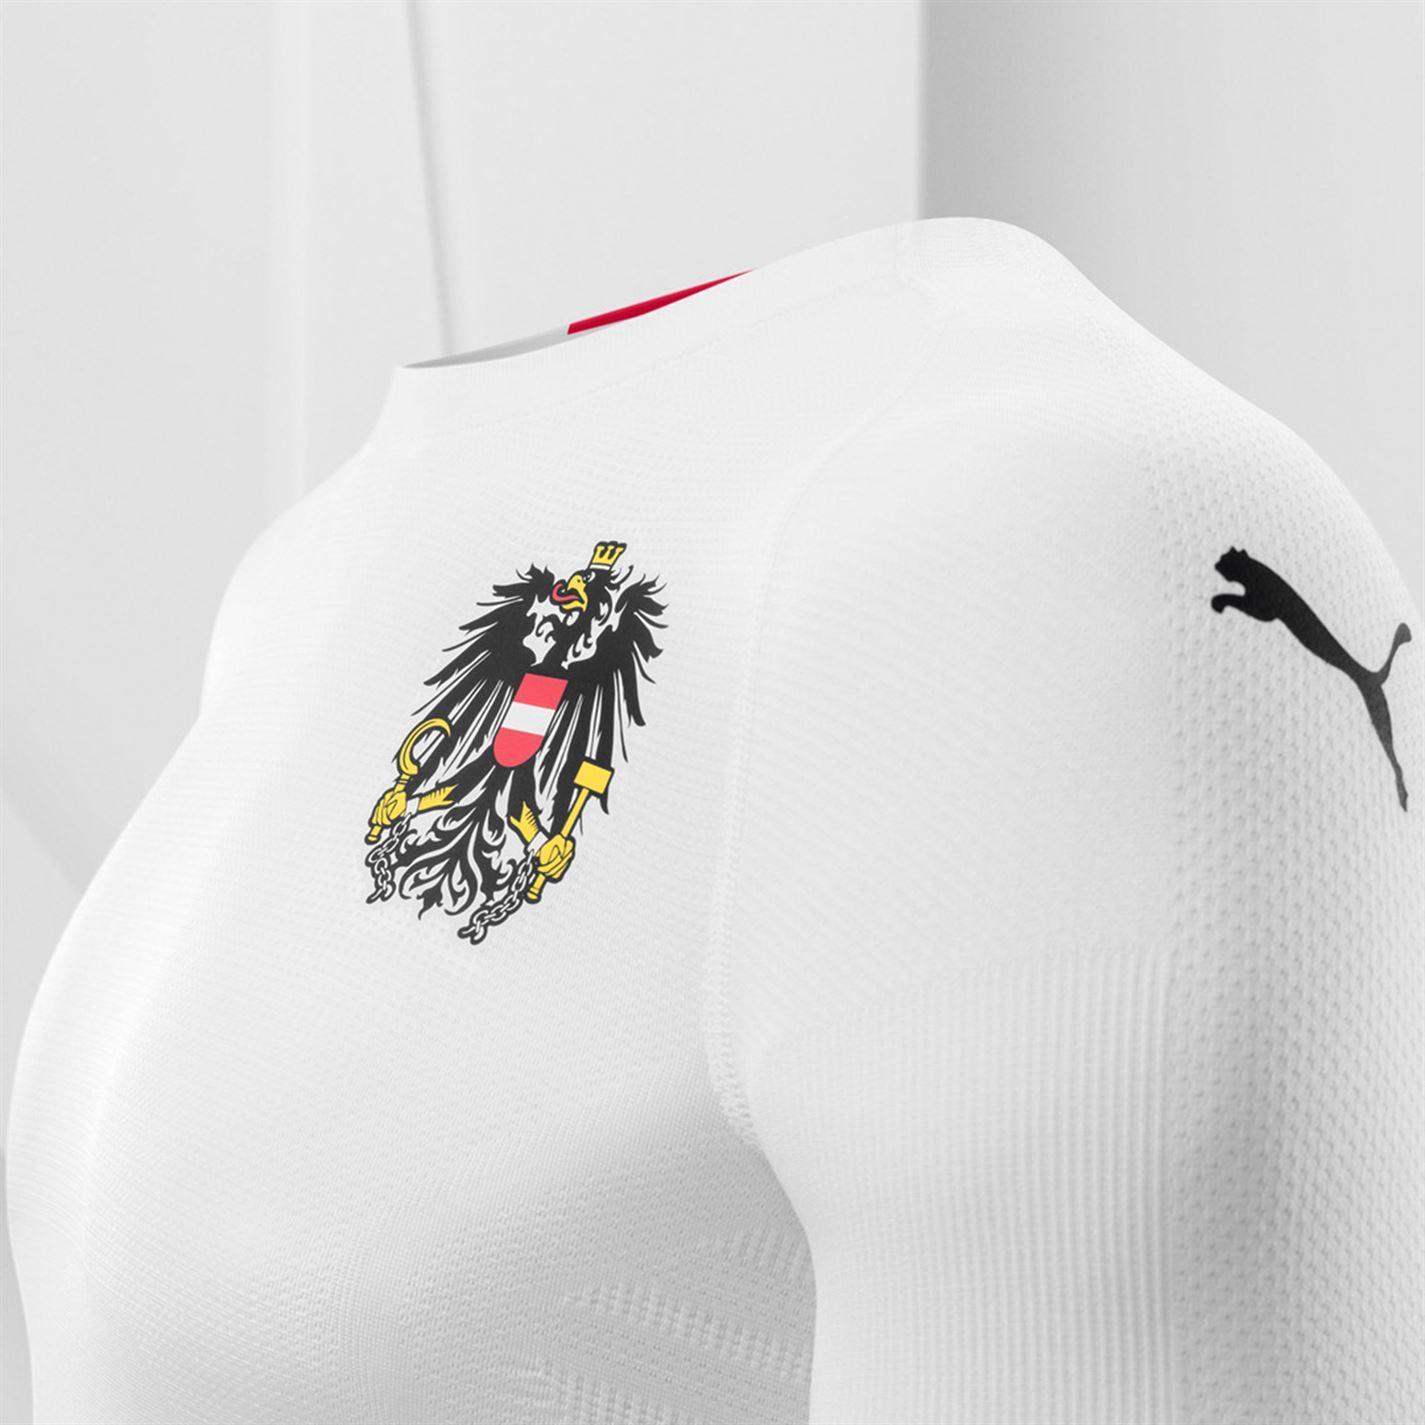 ... Puma Austria Away Jersey 2018 Mens White Football Soccer Fan Shirt Top 668ba66ba